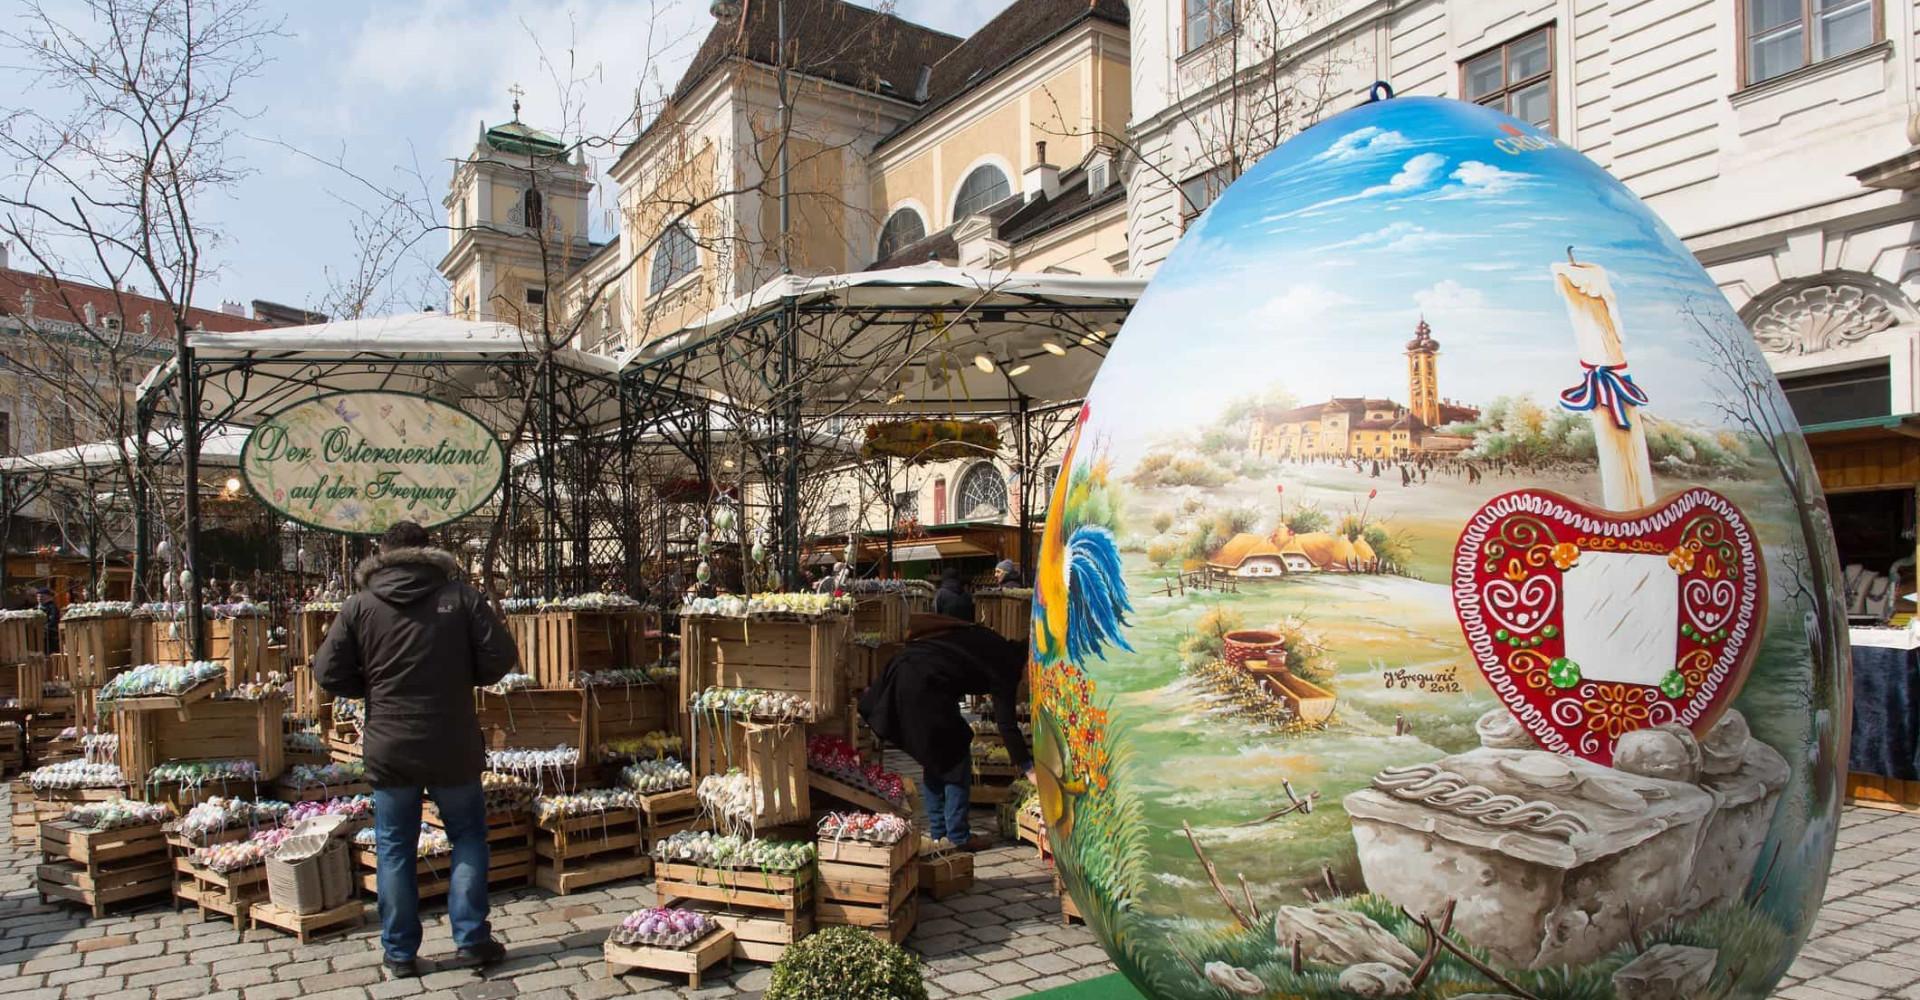 Estos son los mejores destinos europeos para pasar la Pascua